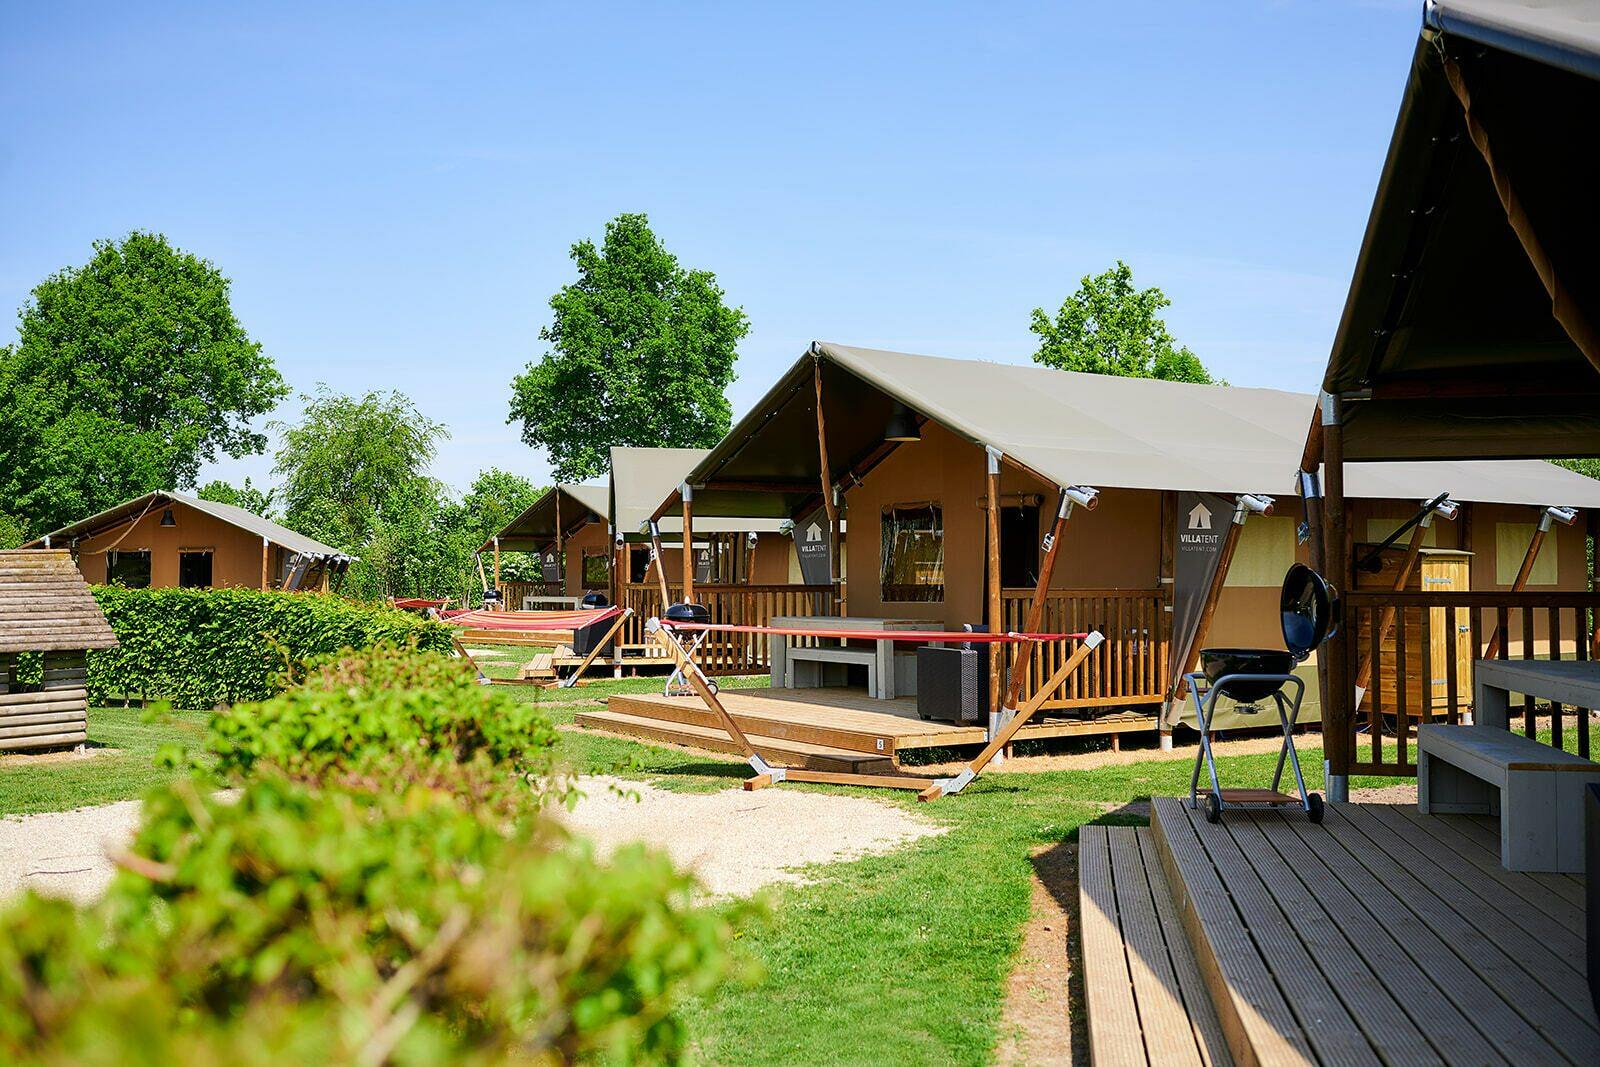 Camping Betuwestrand